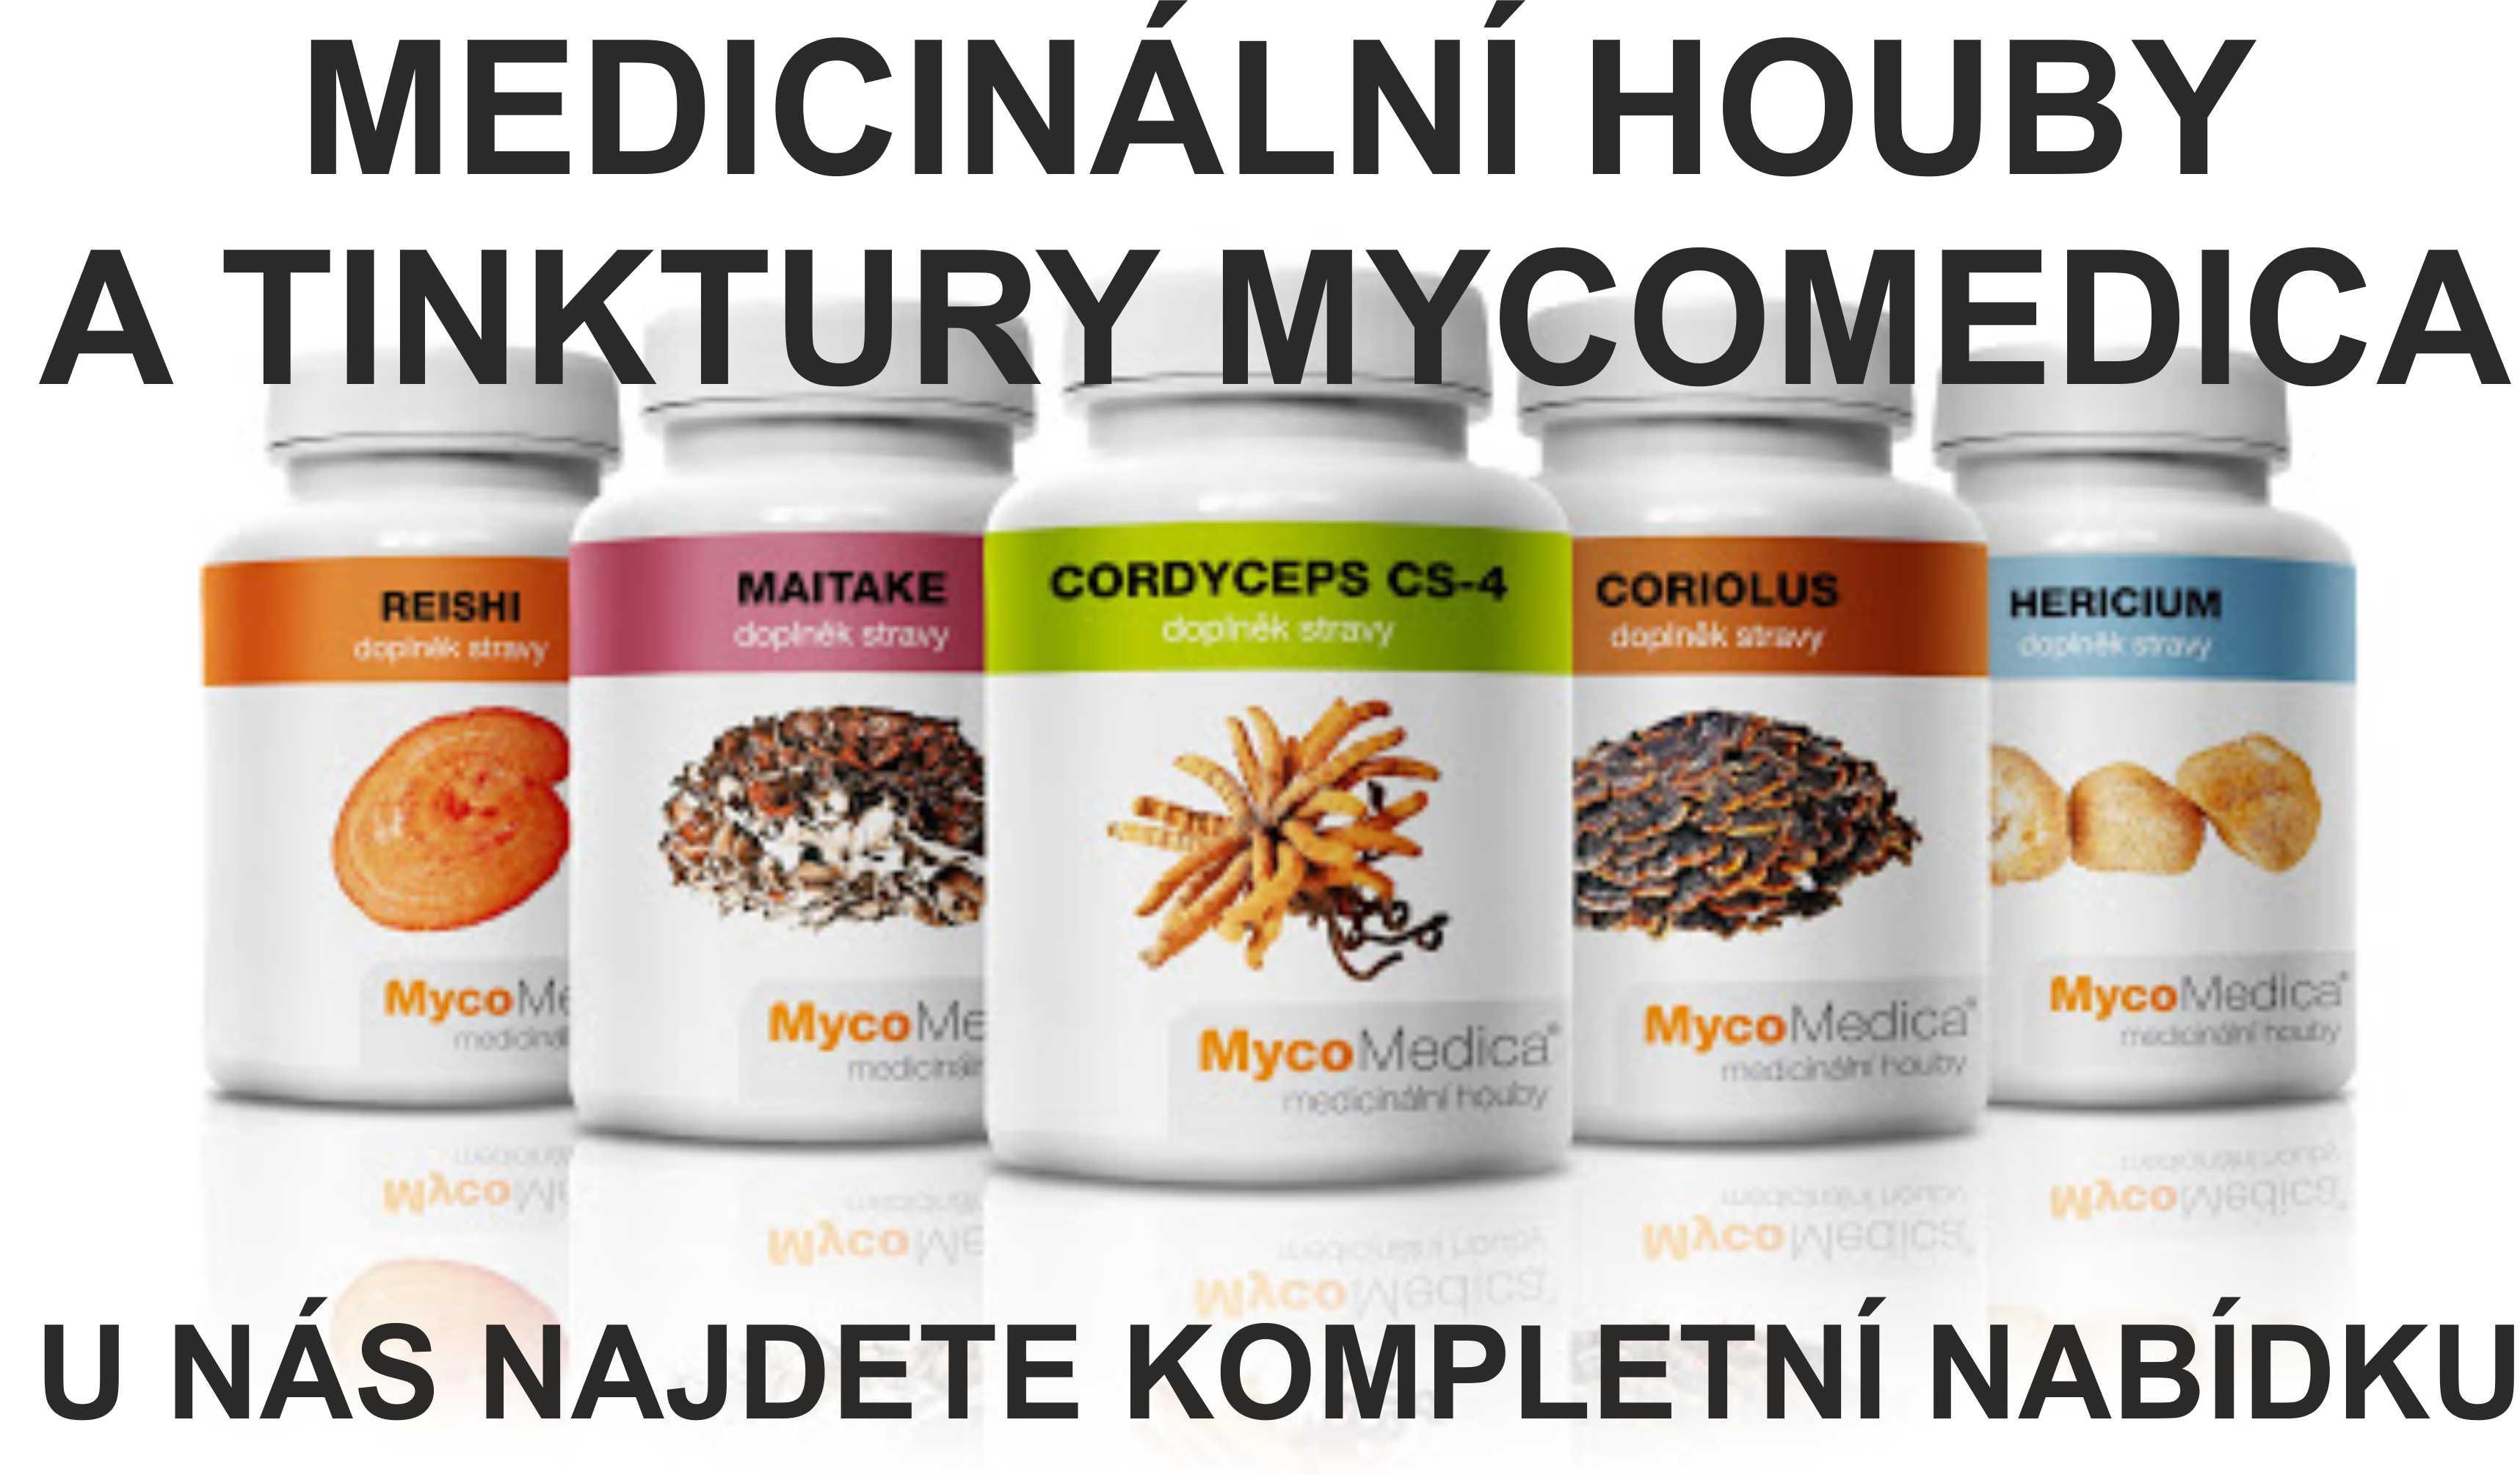 MycoMedica